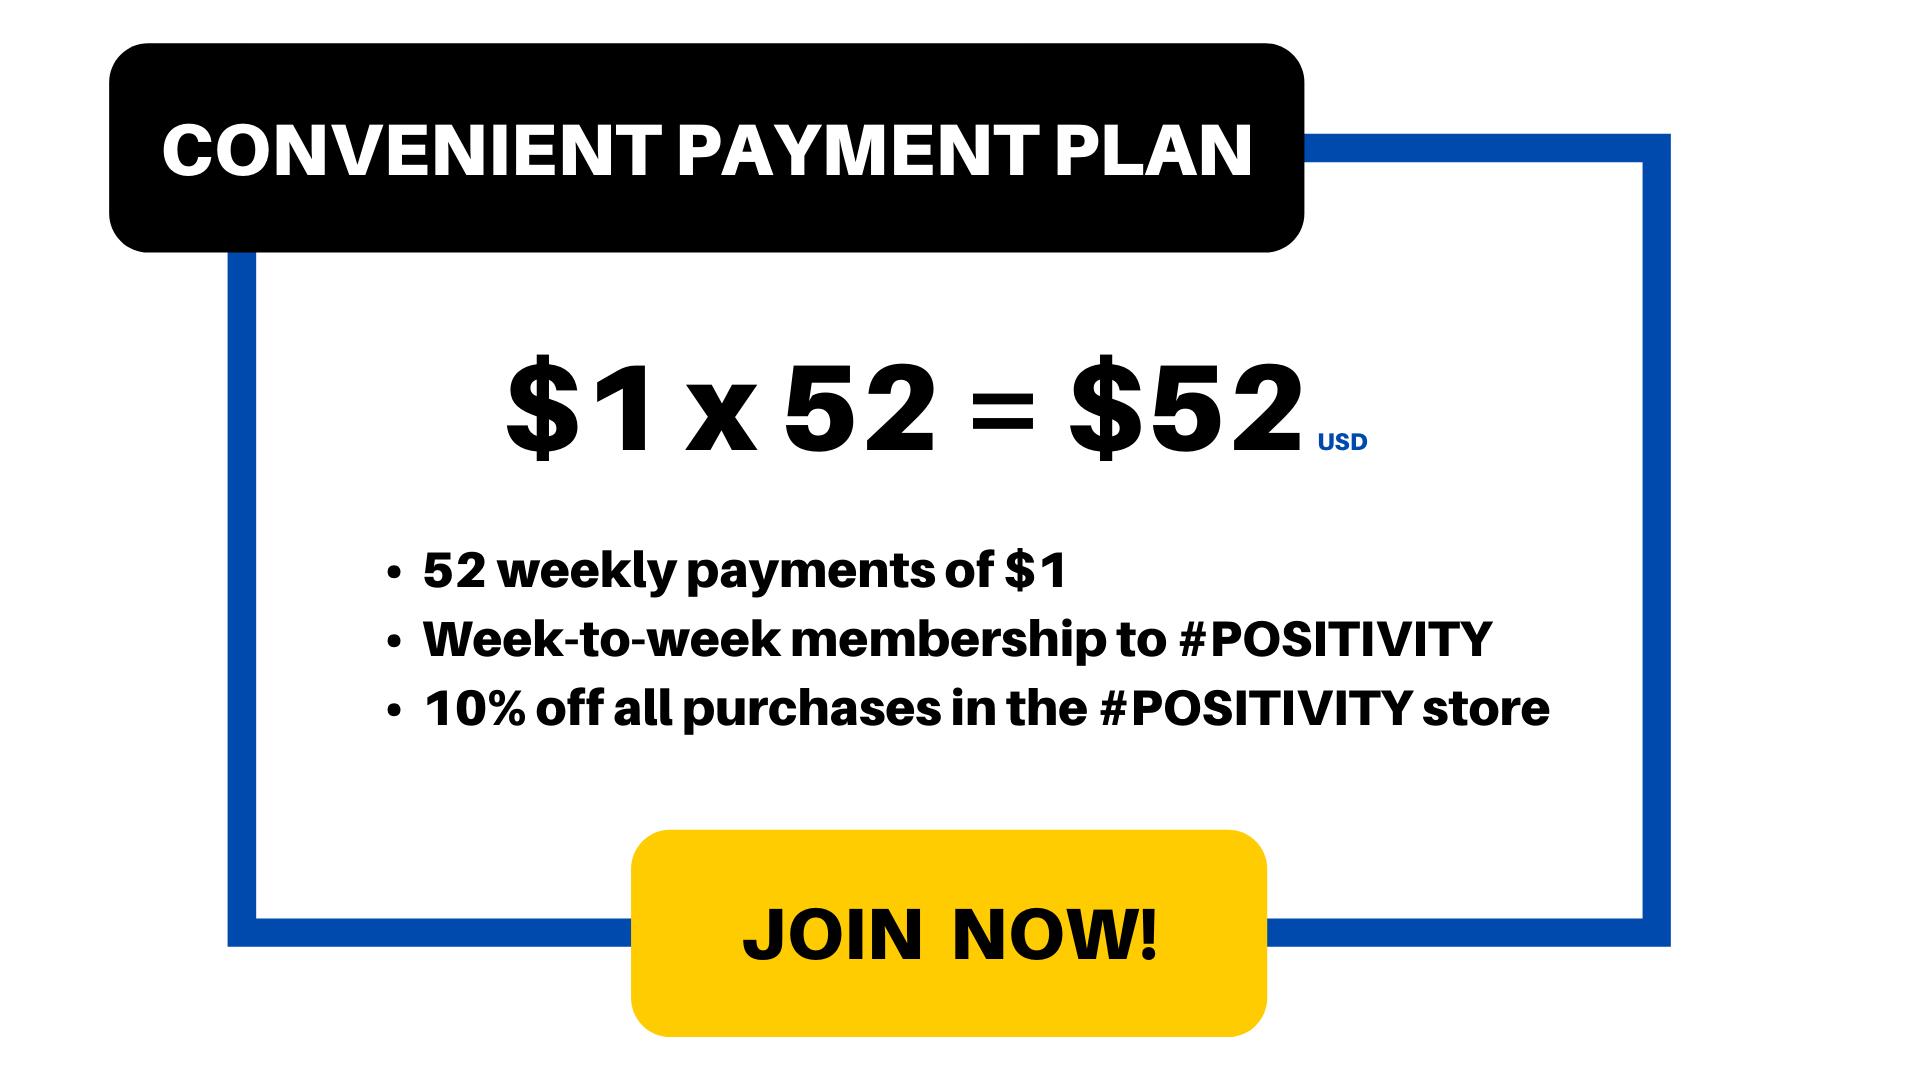 Payment Plan: $1 x 52 = $52